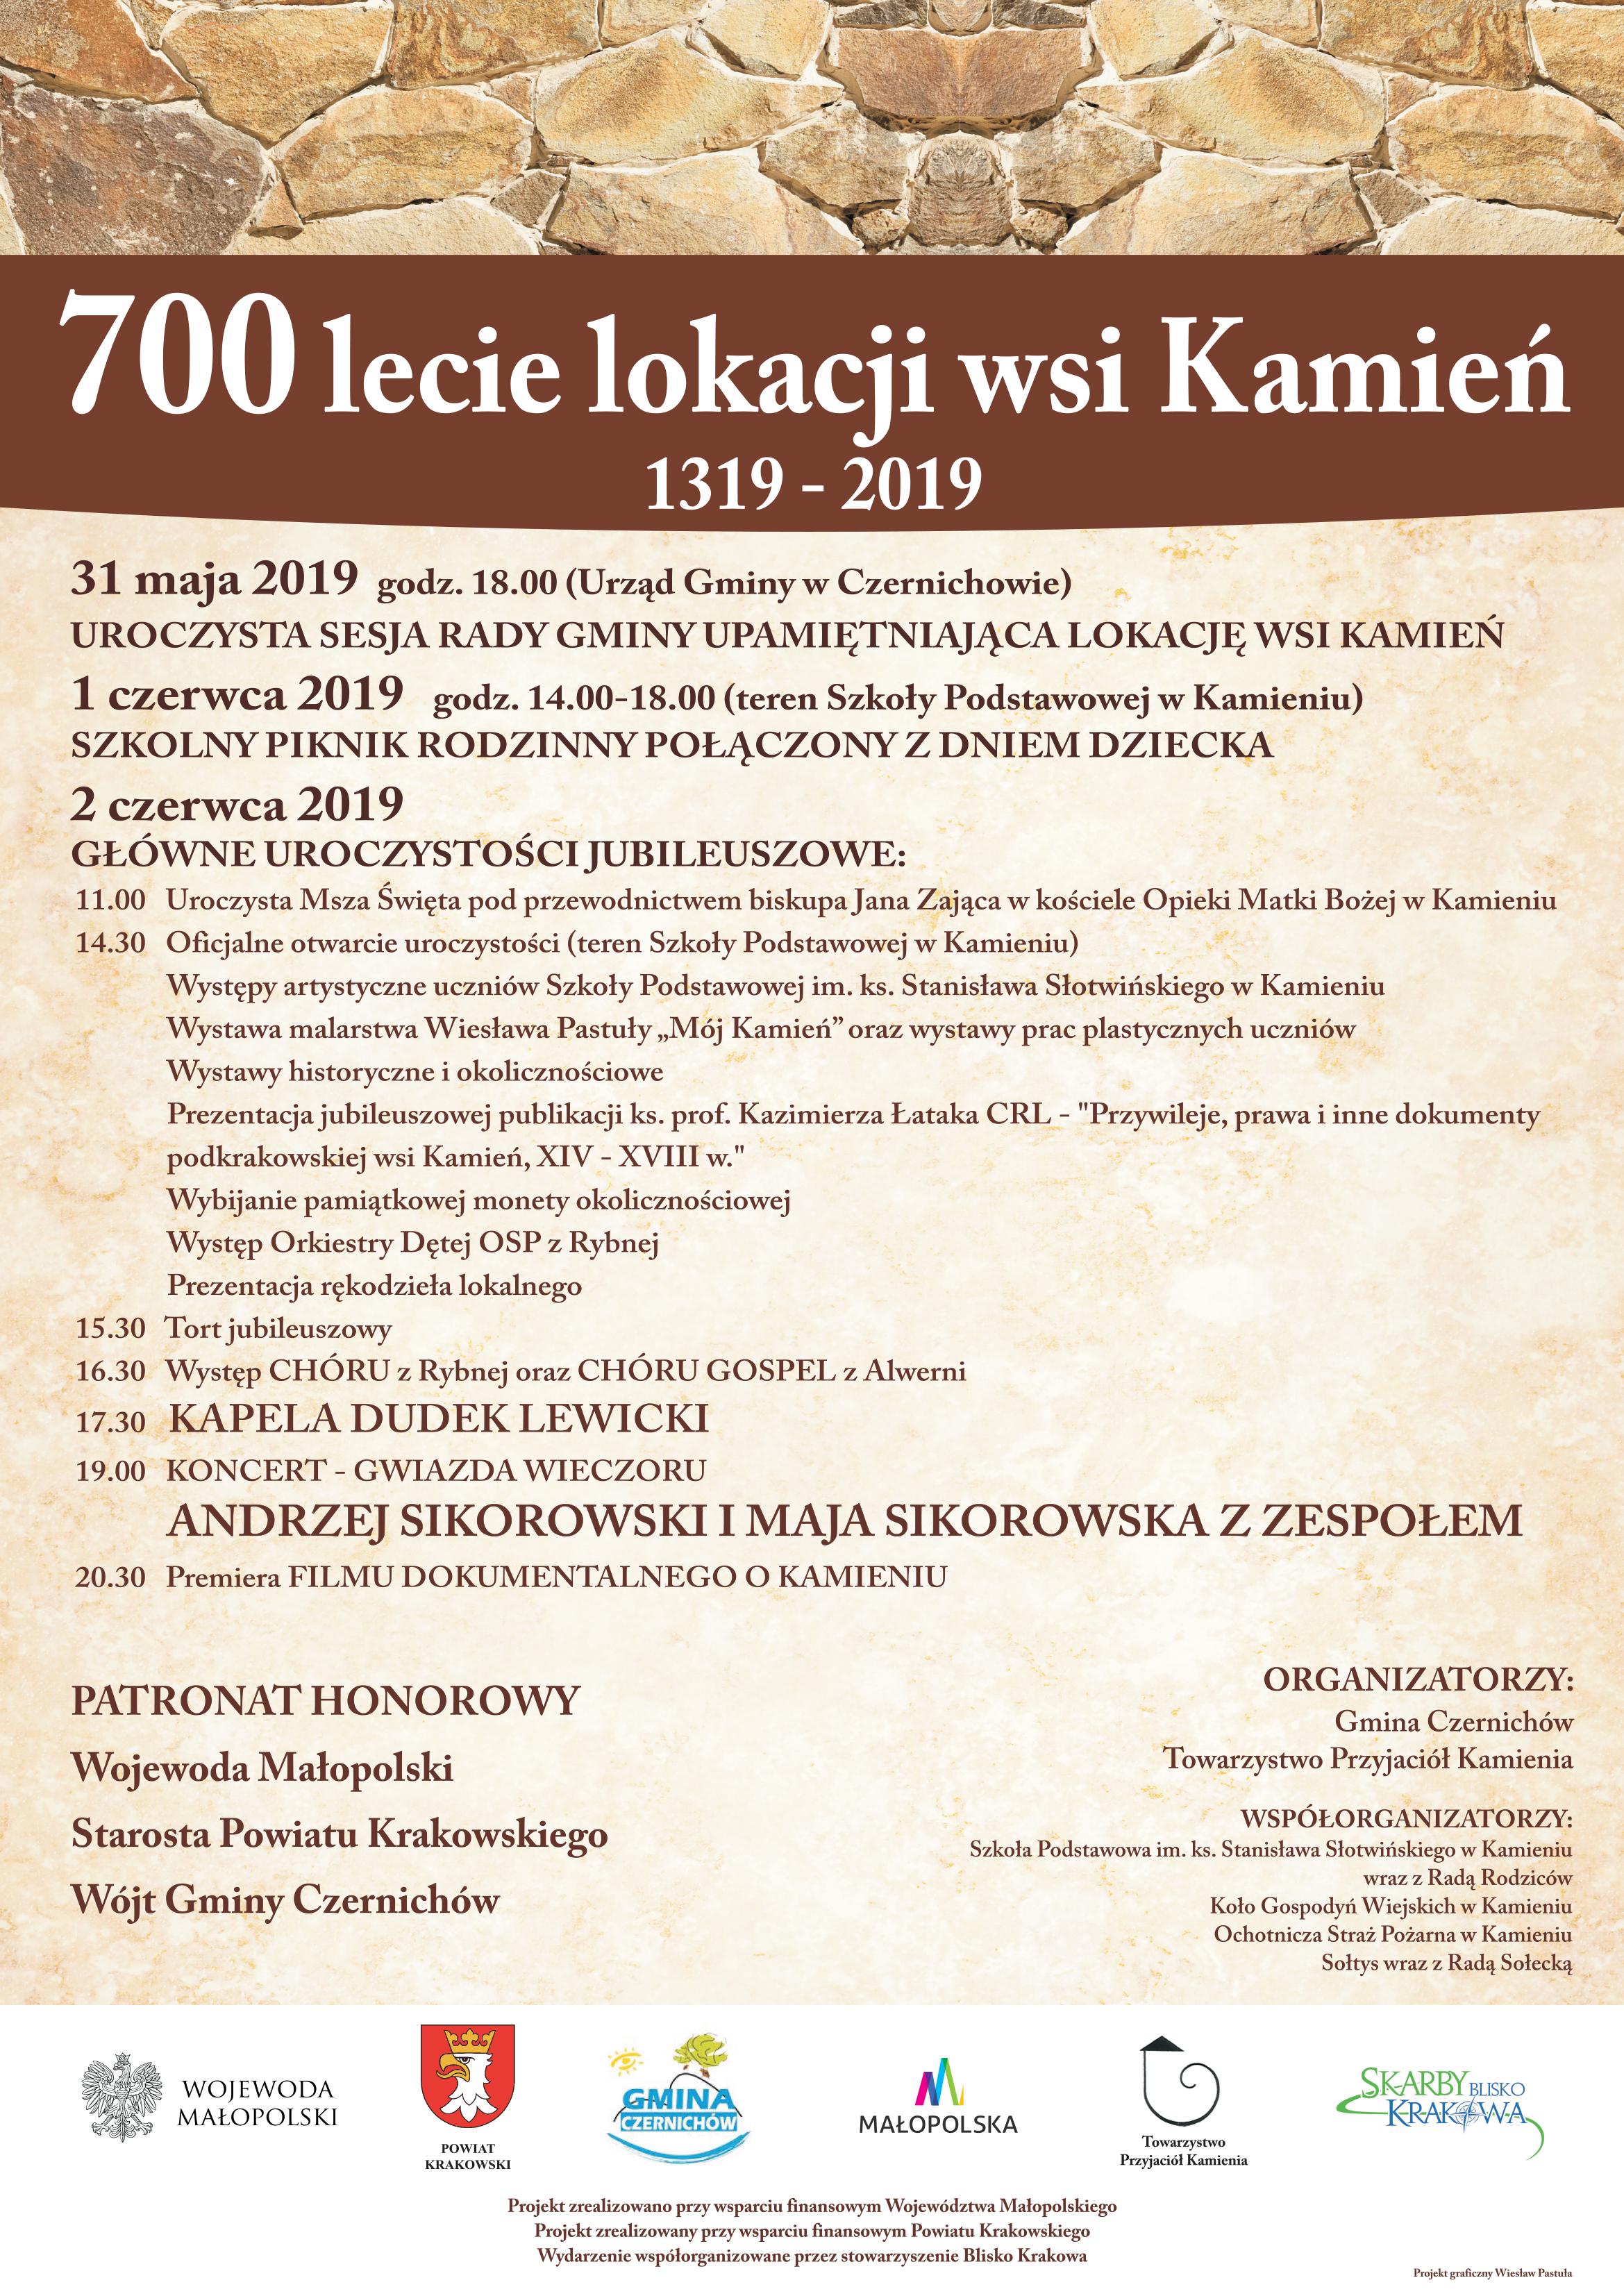 700 lecie lokacji wsi Kamień